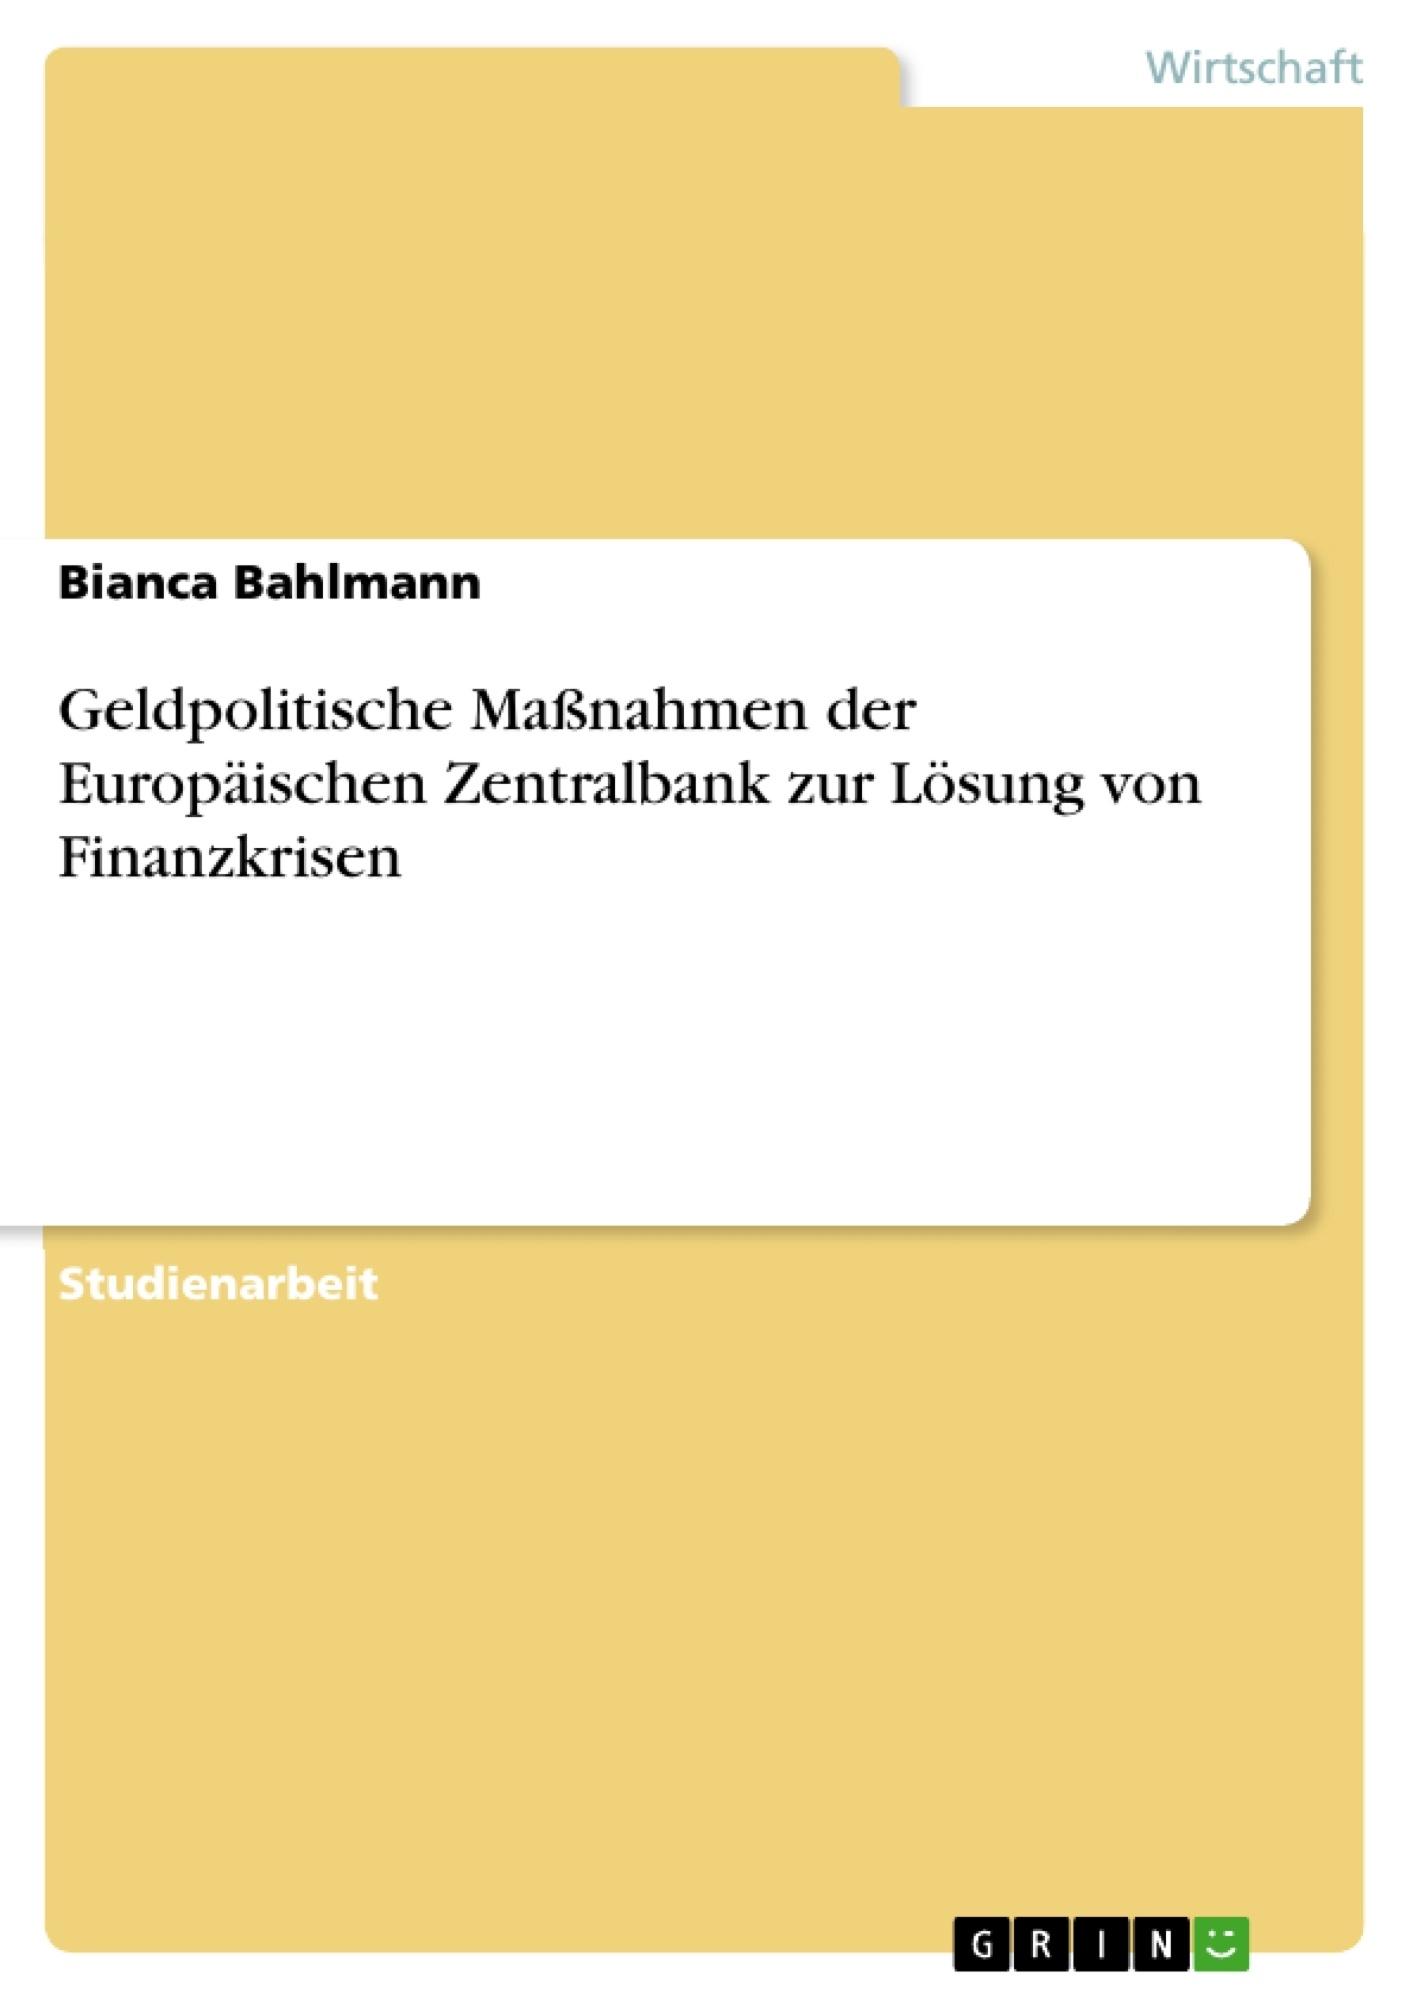 Titel: Geldpolitische Maßnahmen der Europäischen Zentralbank zur Lösung von Finanzkrisen